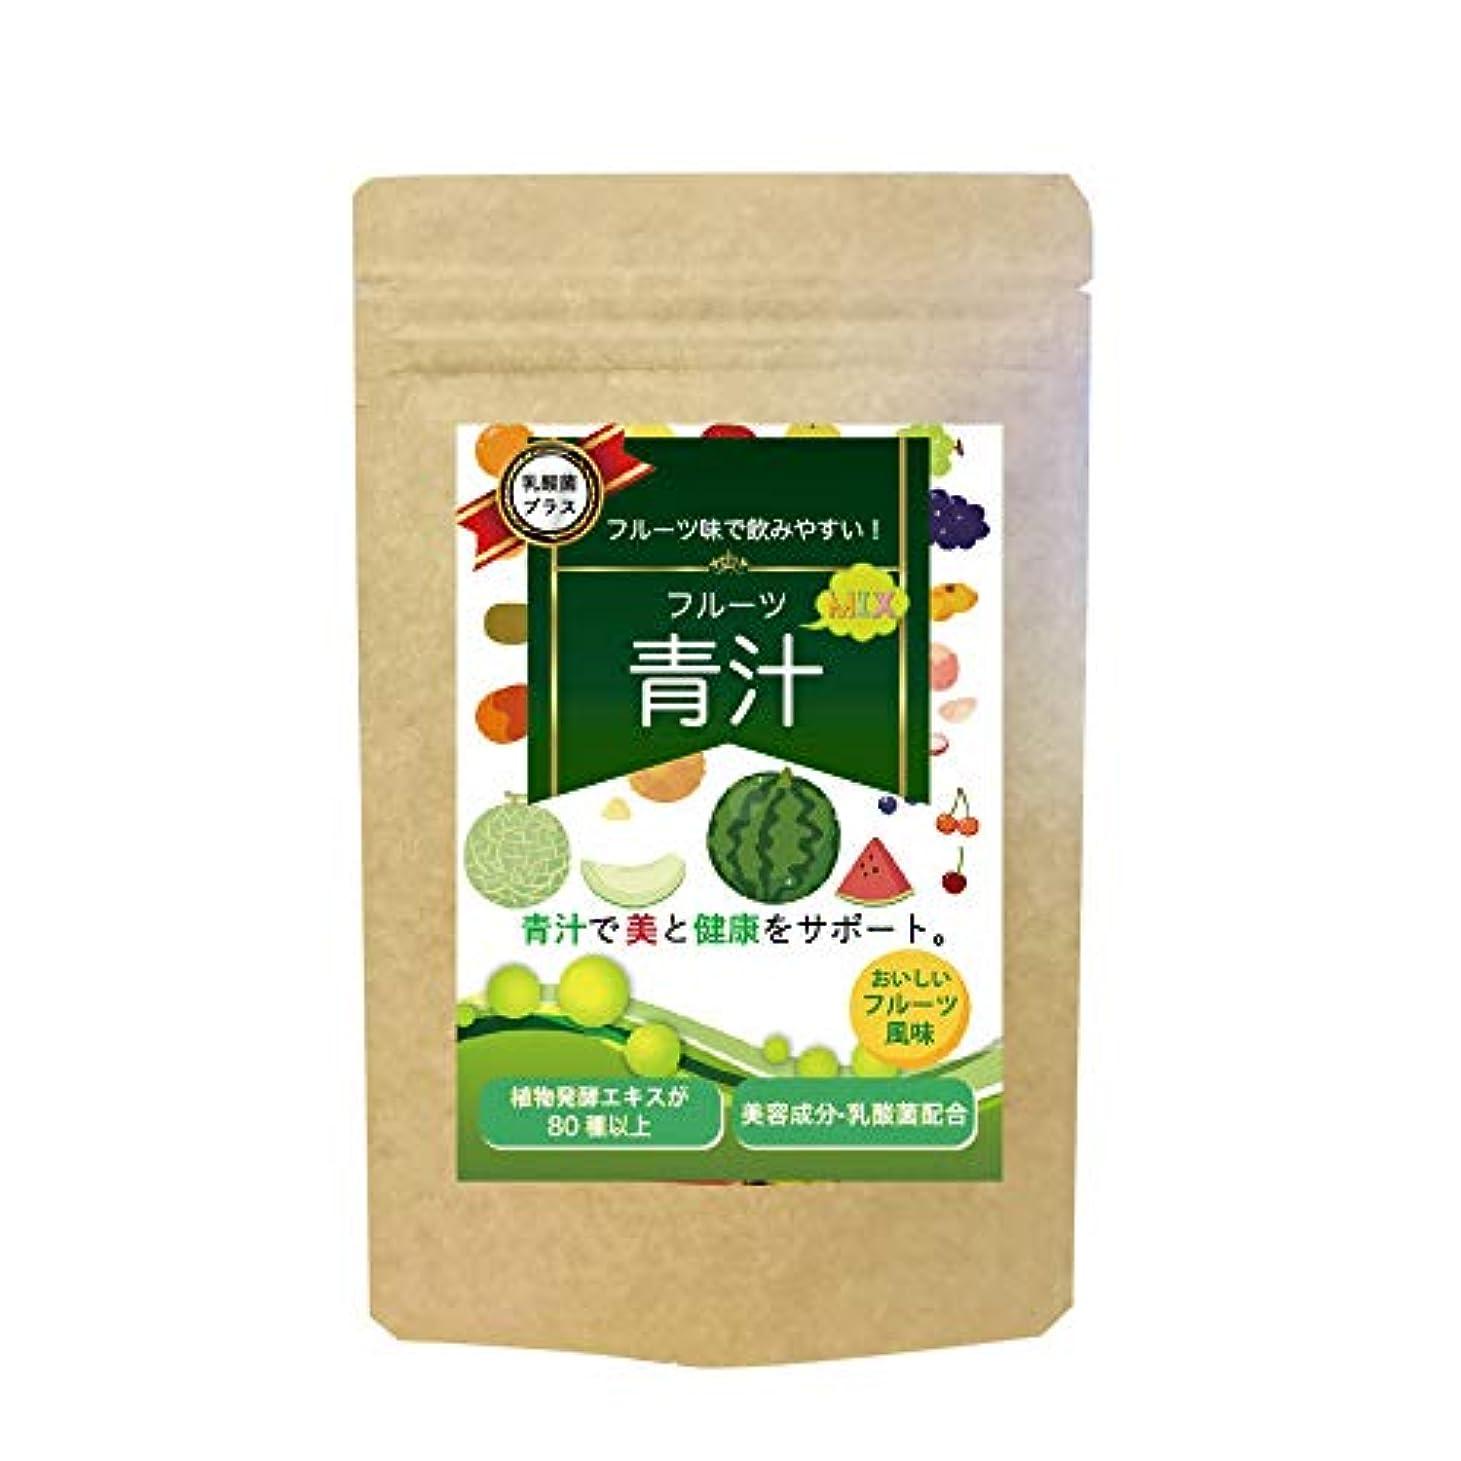 顕著神社フルーツ青汁 フルーツMIX青汁 150g